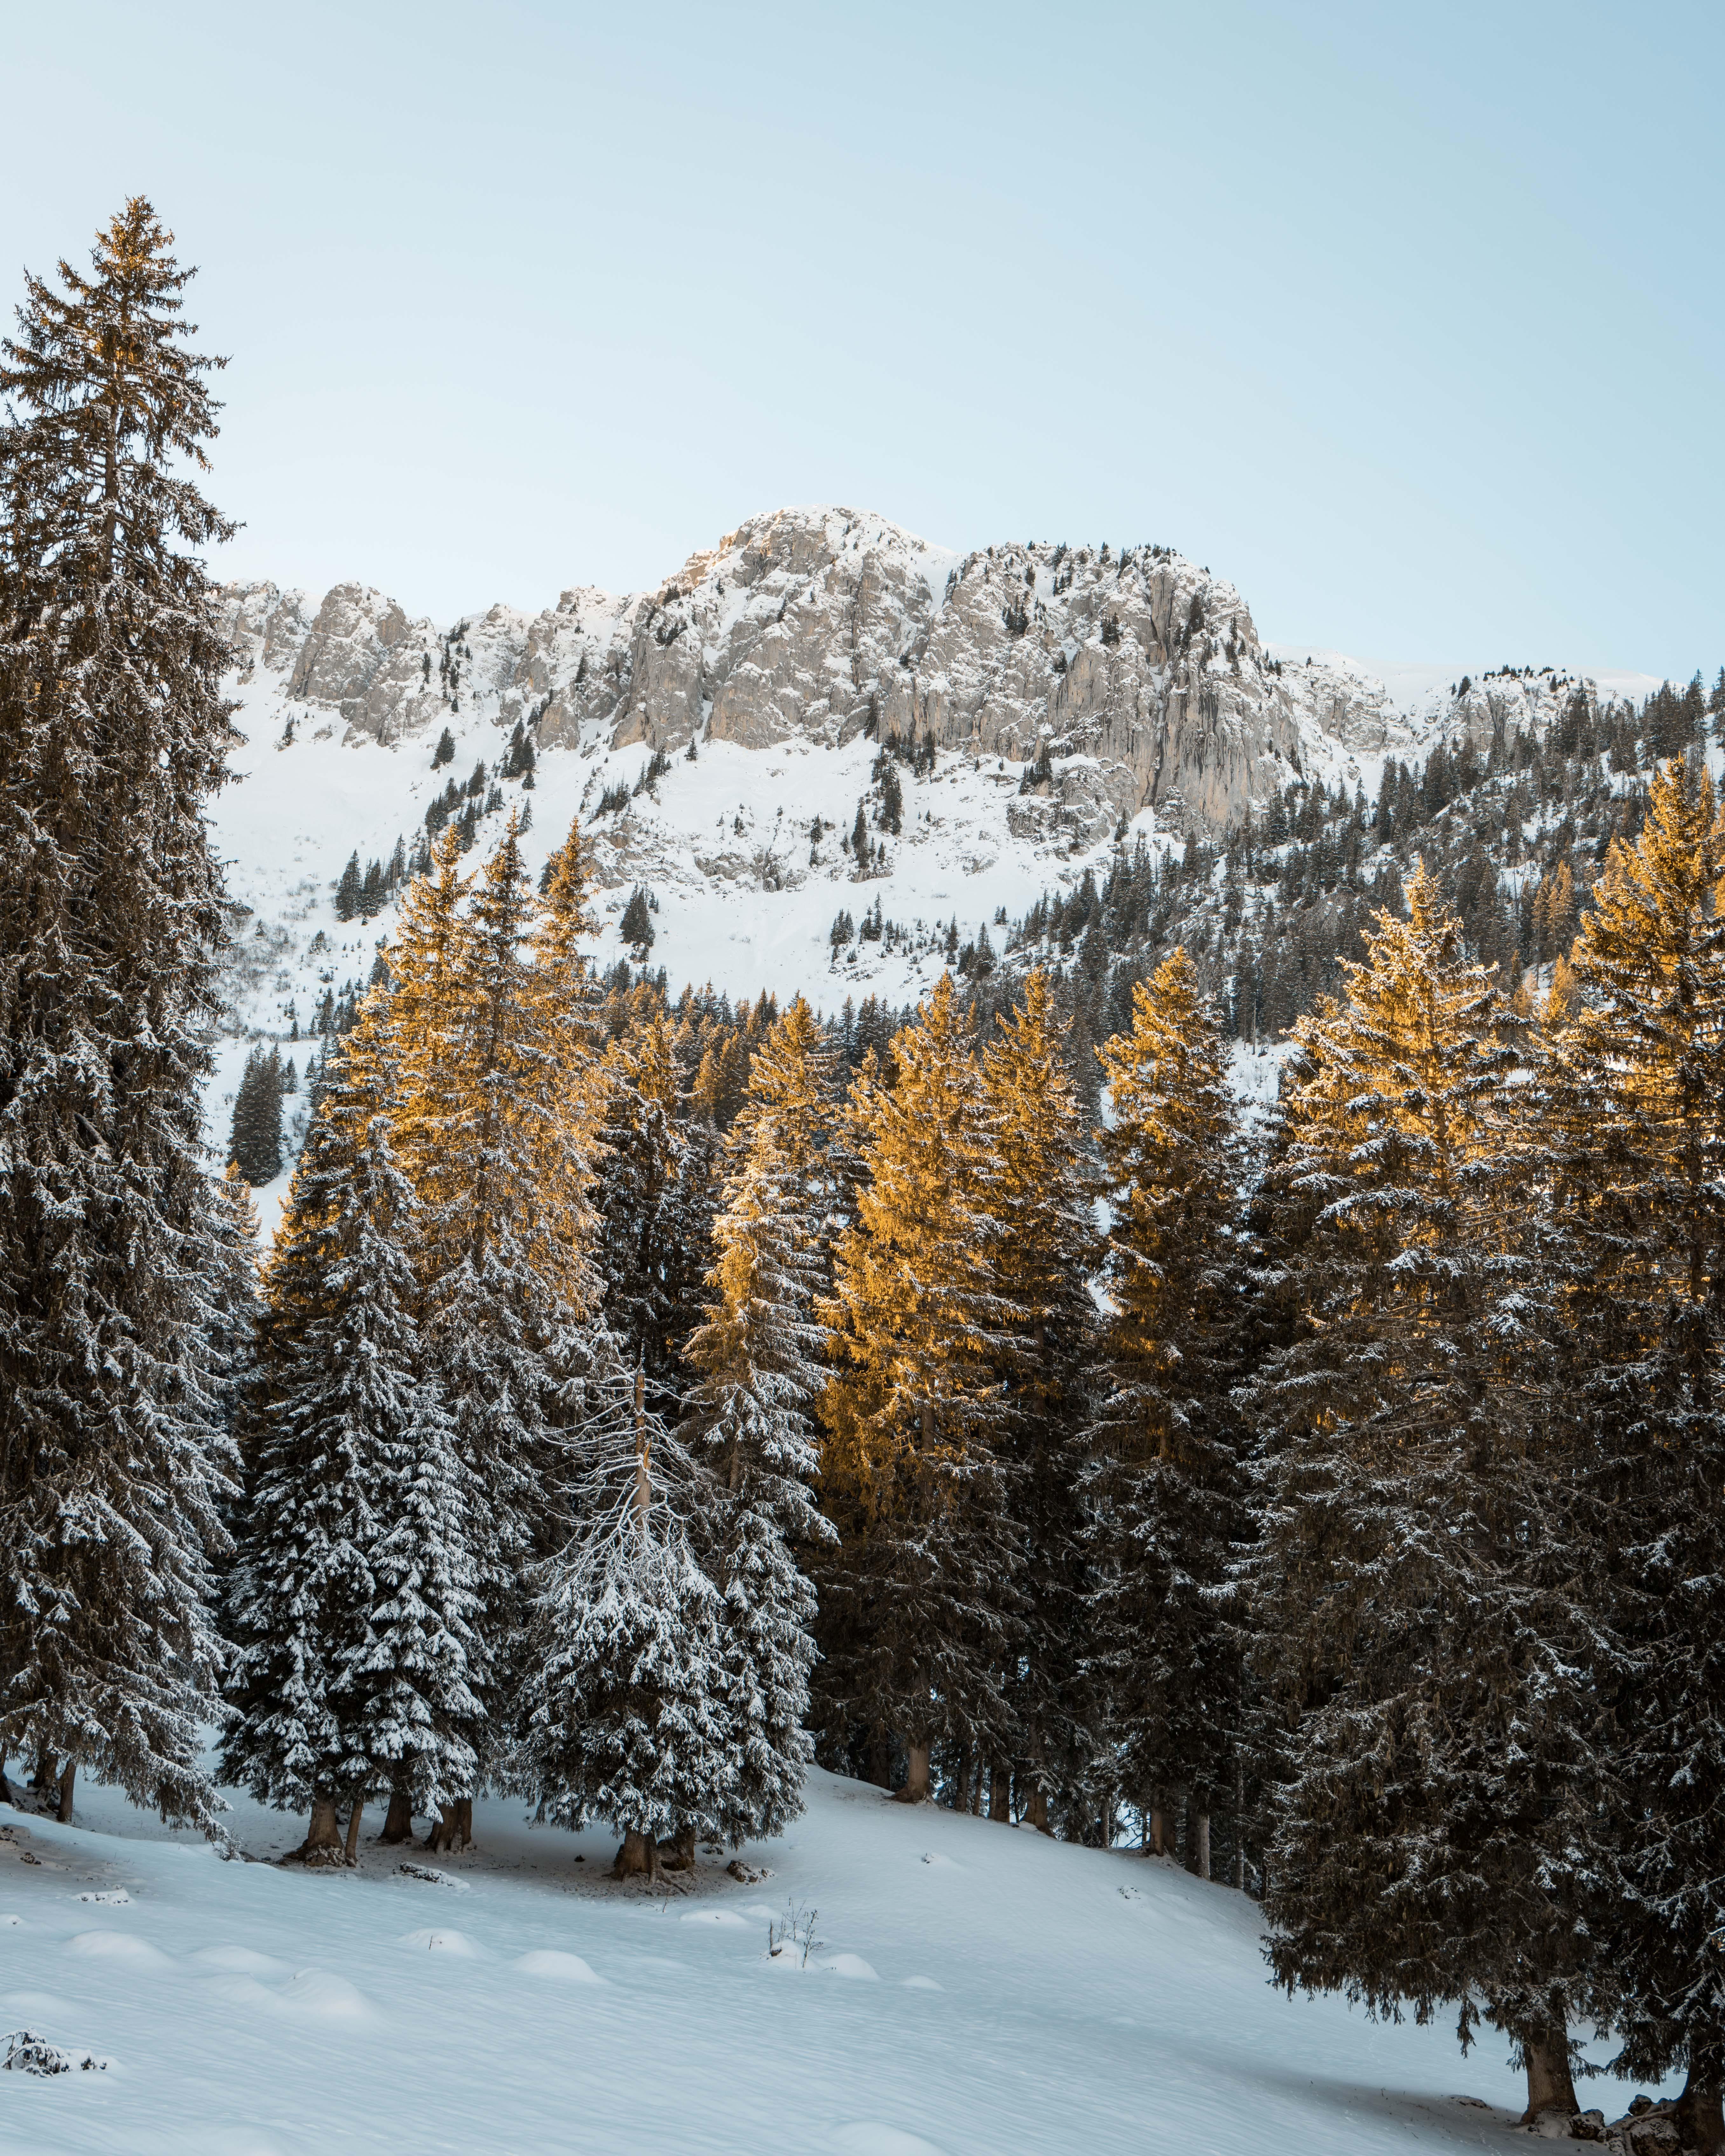 下雪的, 下雪的天氣, 冬季, 冷 的 免费素材照片